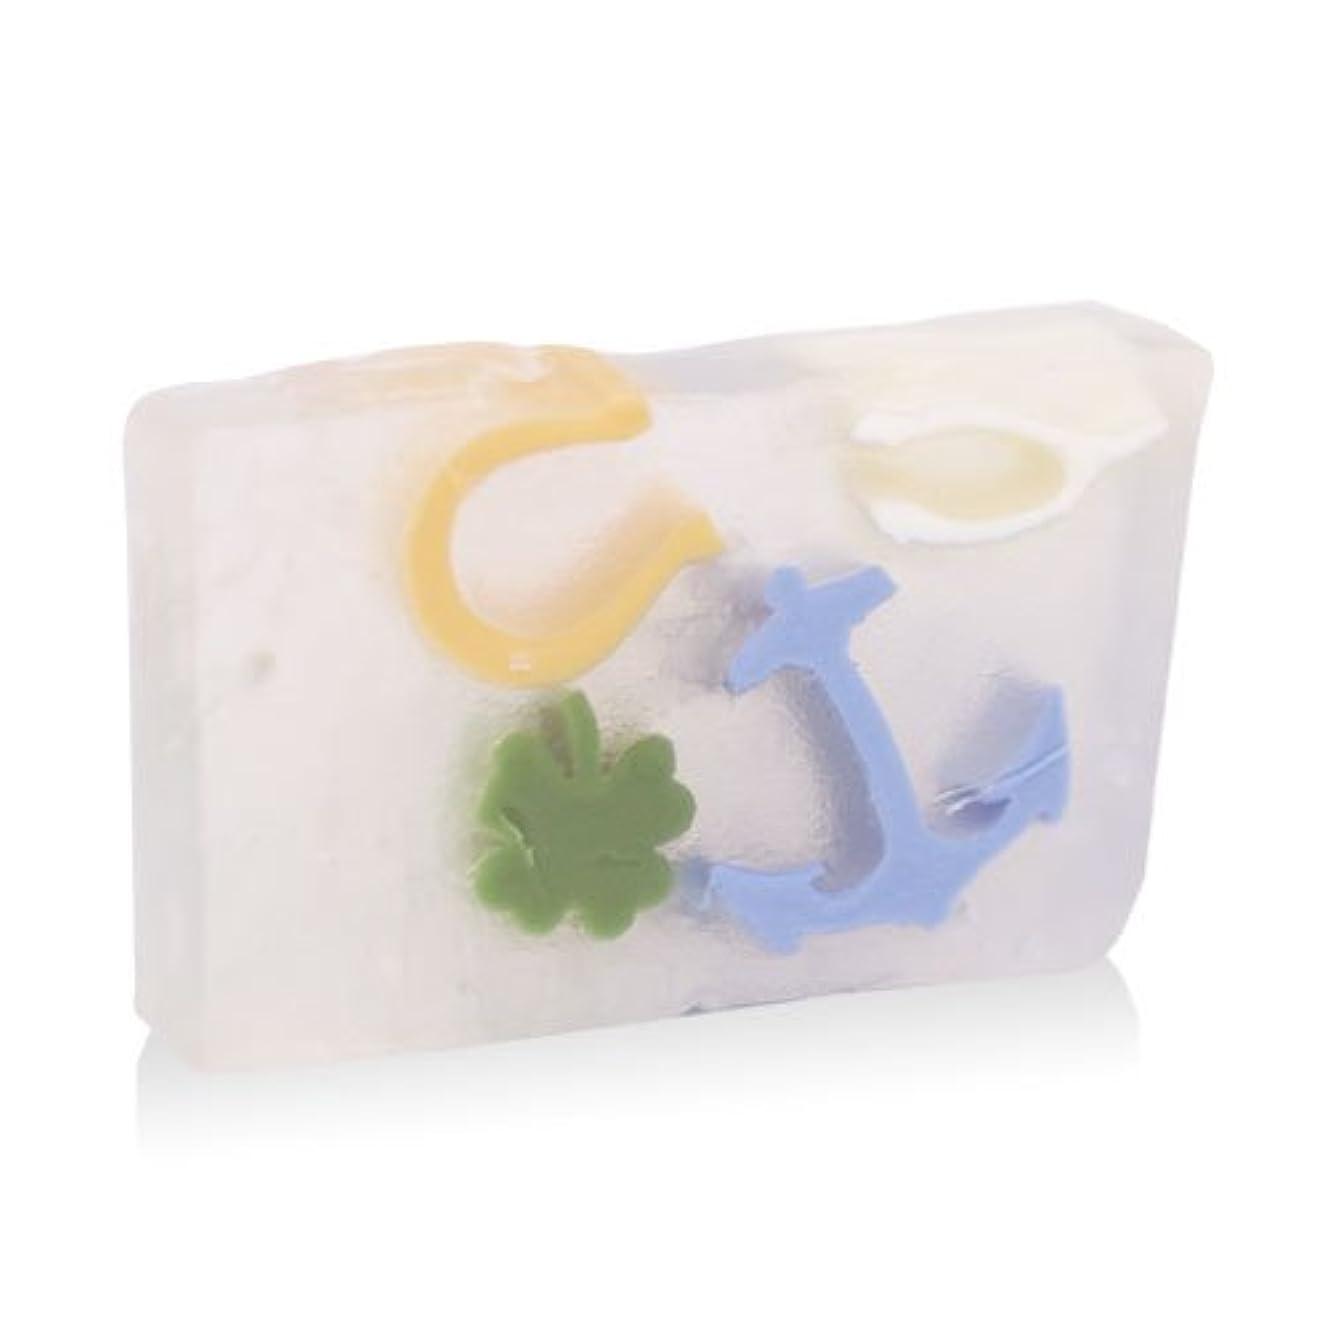 冷凍庫持っている噴出するプライモールエレメンツ アロマティック ソープ グッドラックチャーム 180g 植物性 ナチュラル 石鹸 無添加